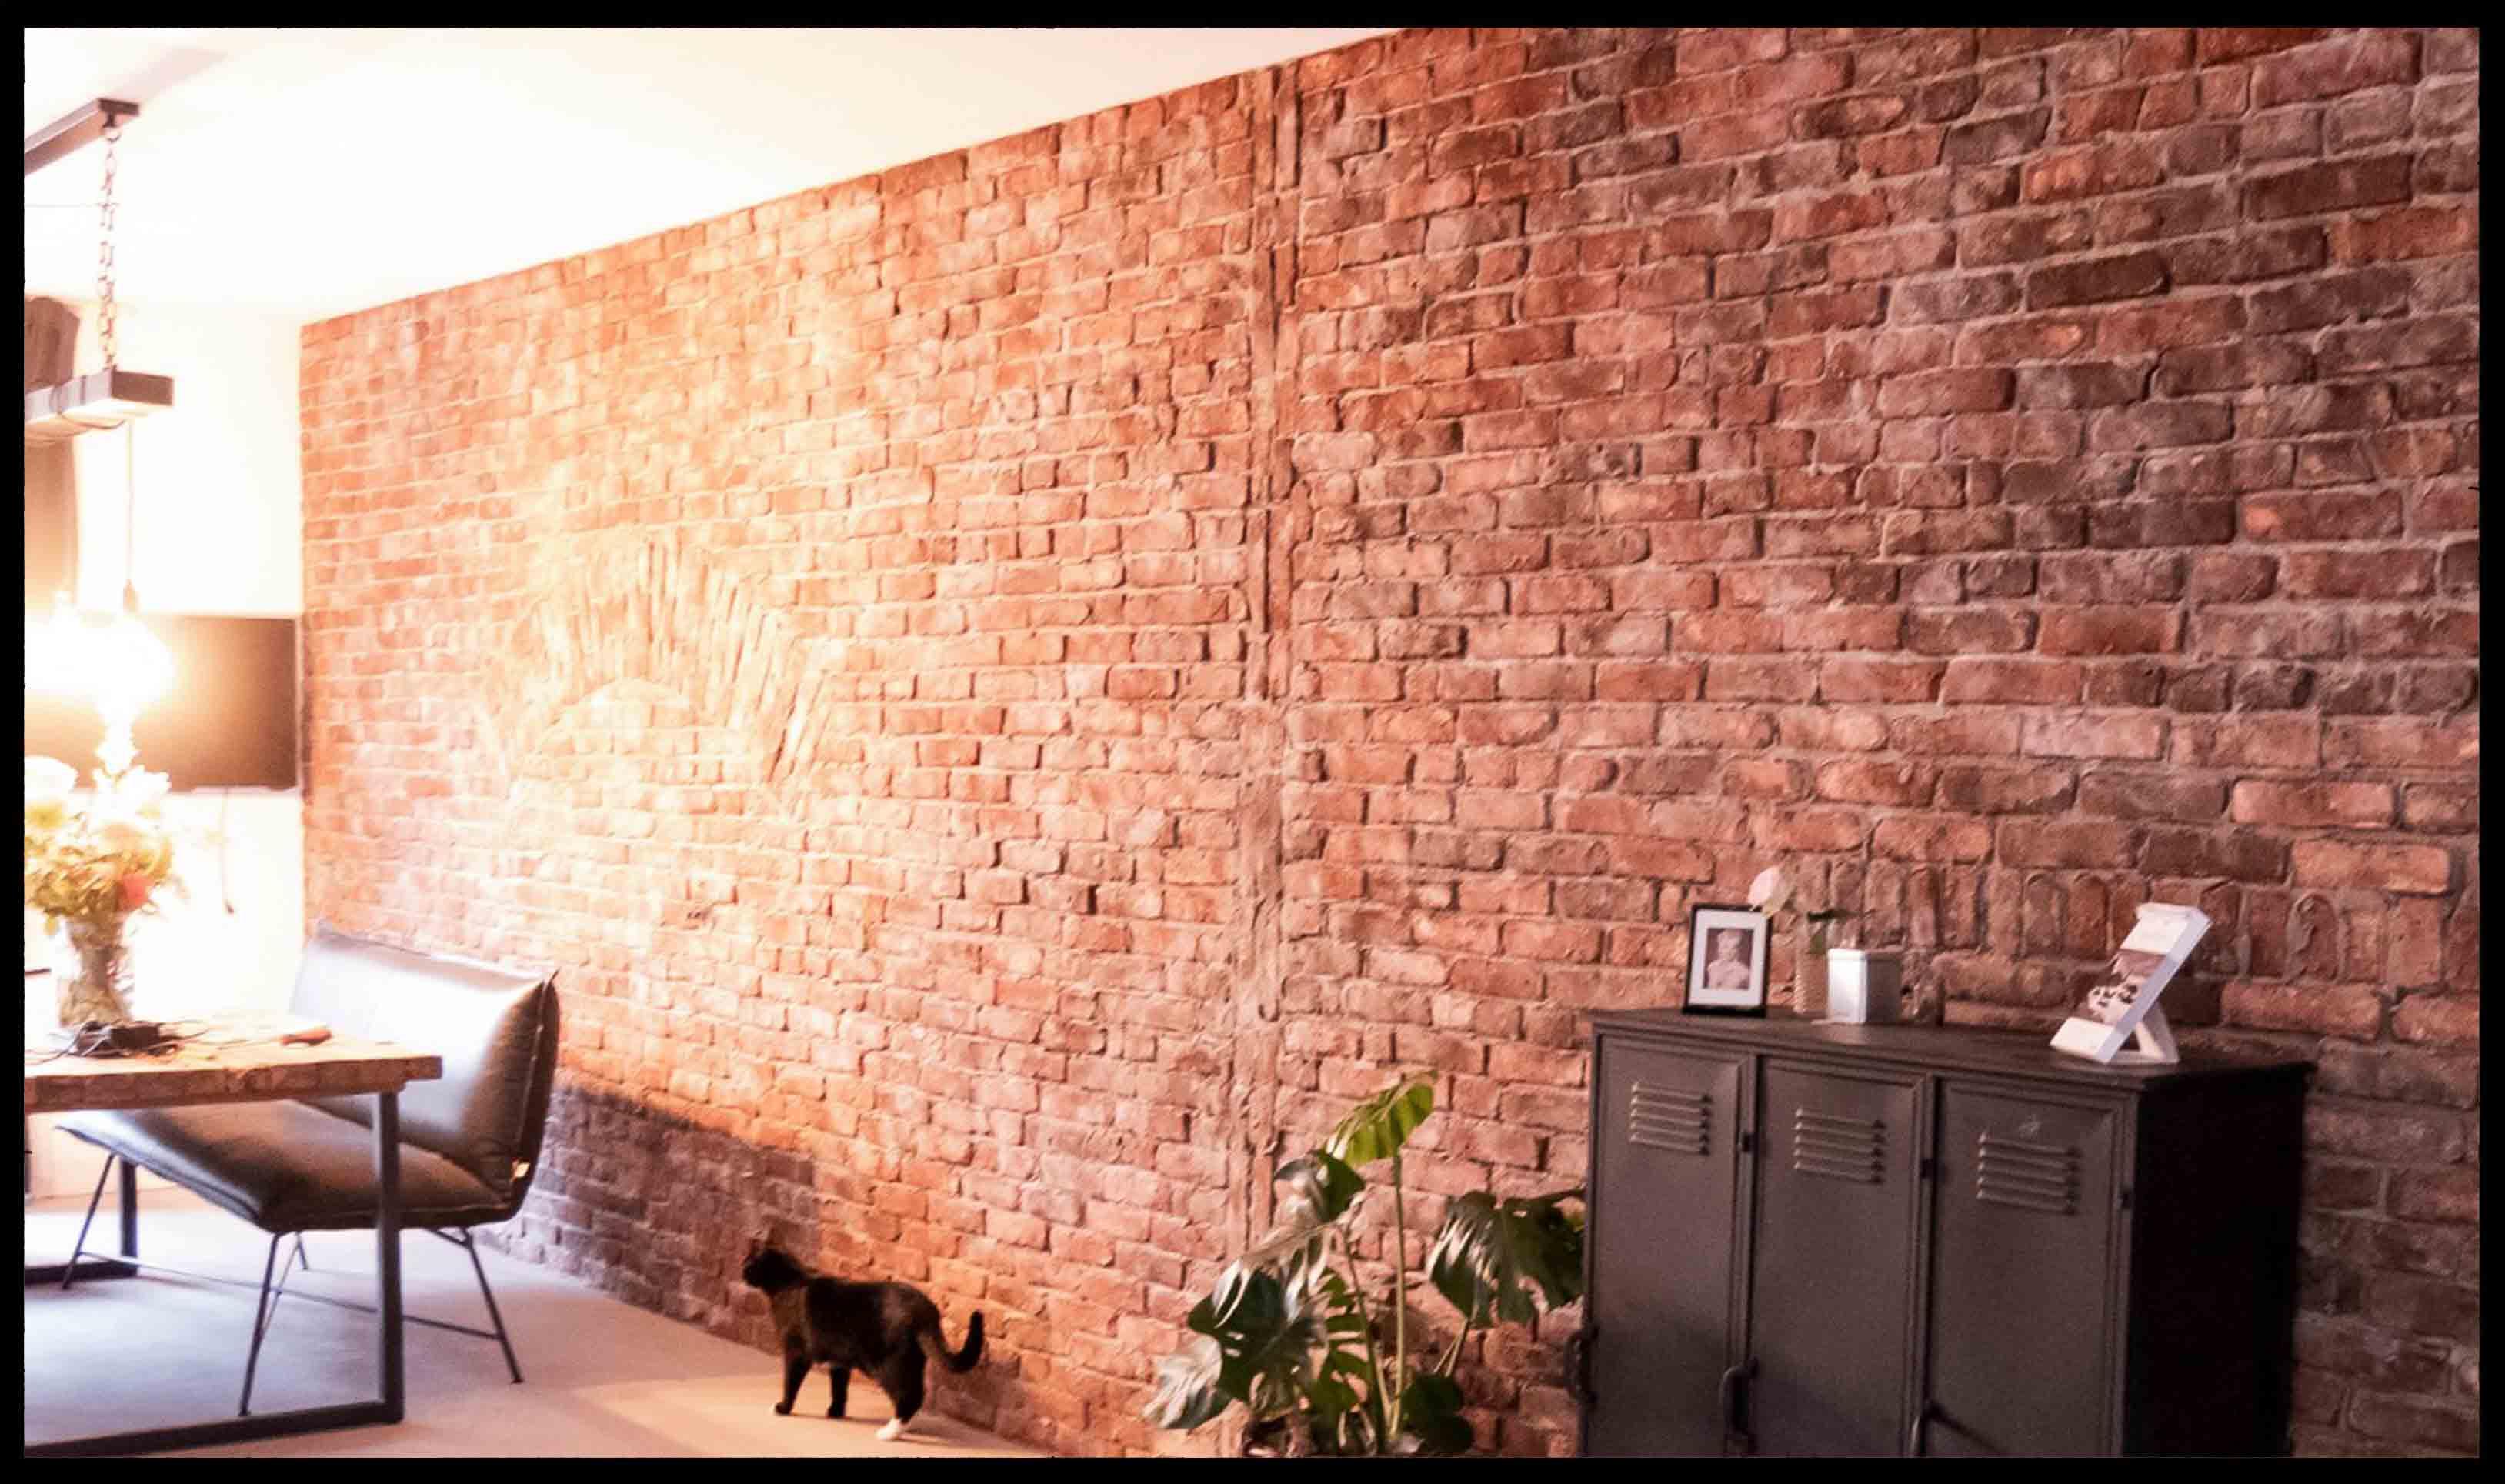 Levensechte stonepress steenstrips voor realistische oude bakstenen muren in uw interieur en inrichting